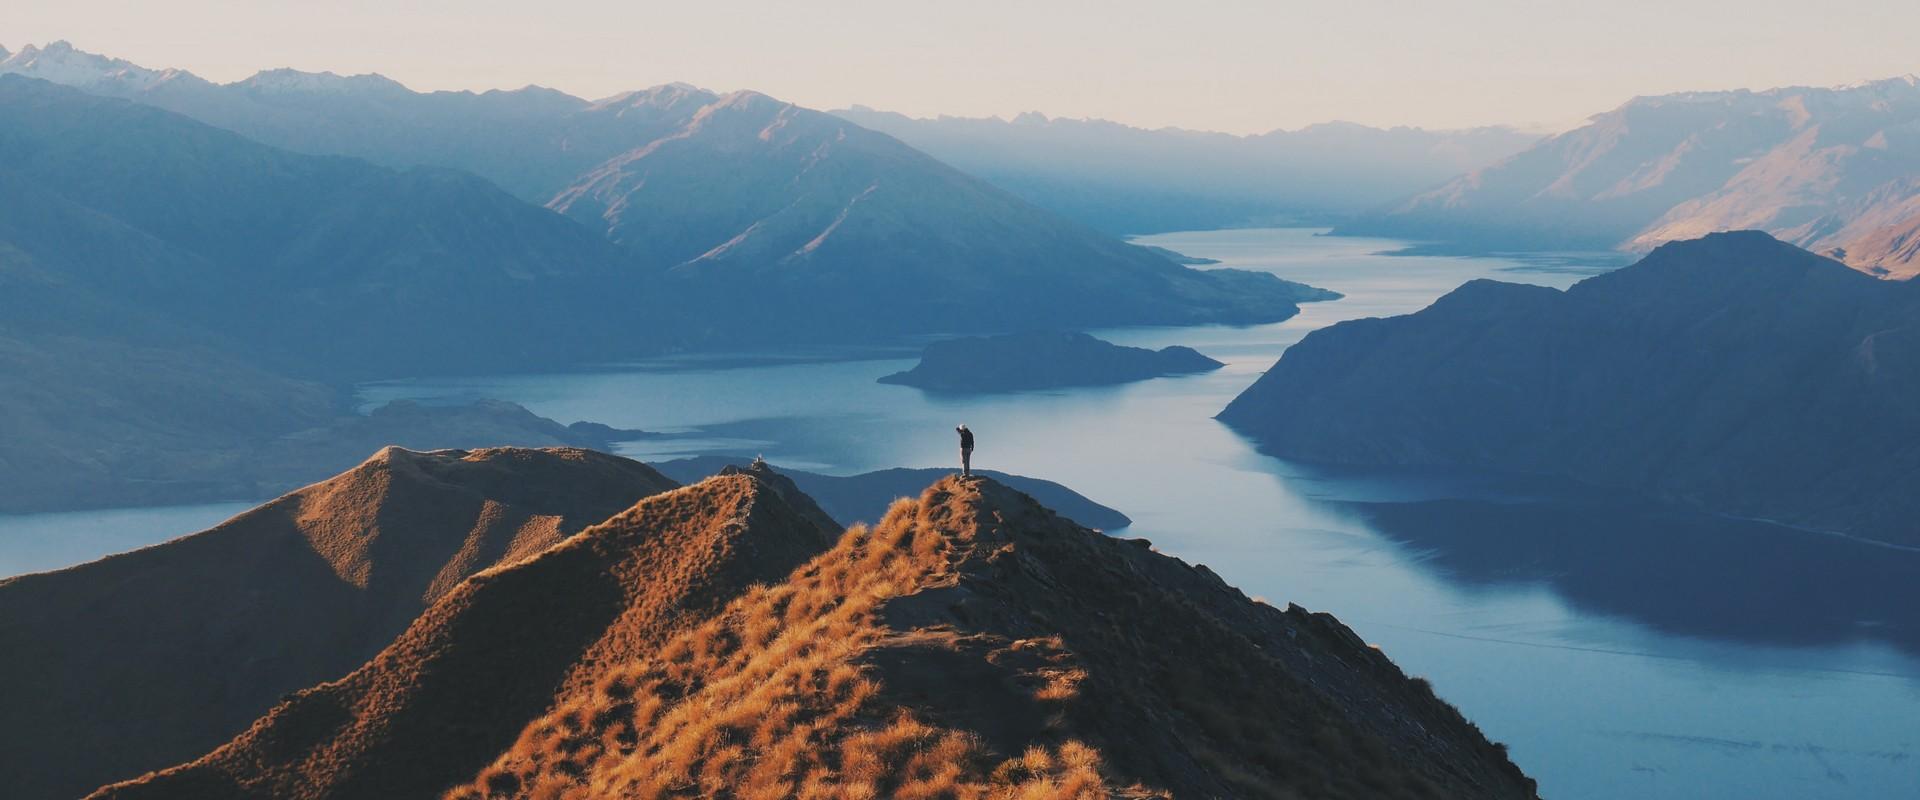 Voyage sur-mesure en Nouvelle-Zélande